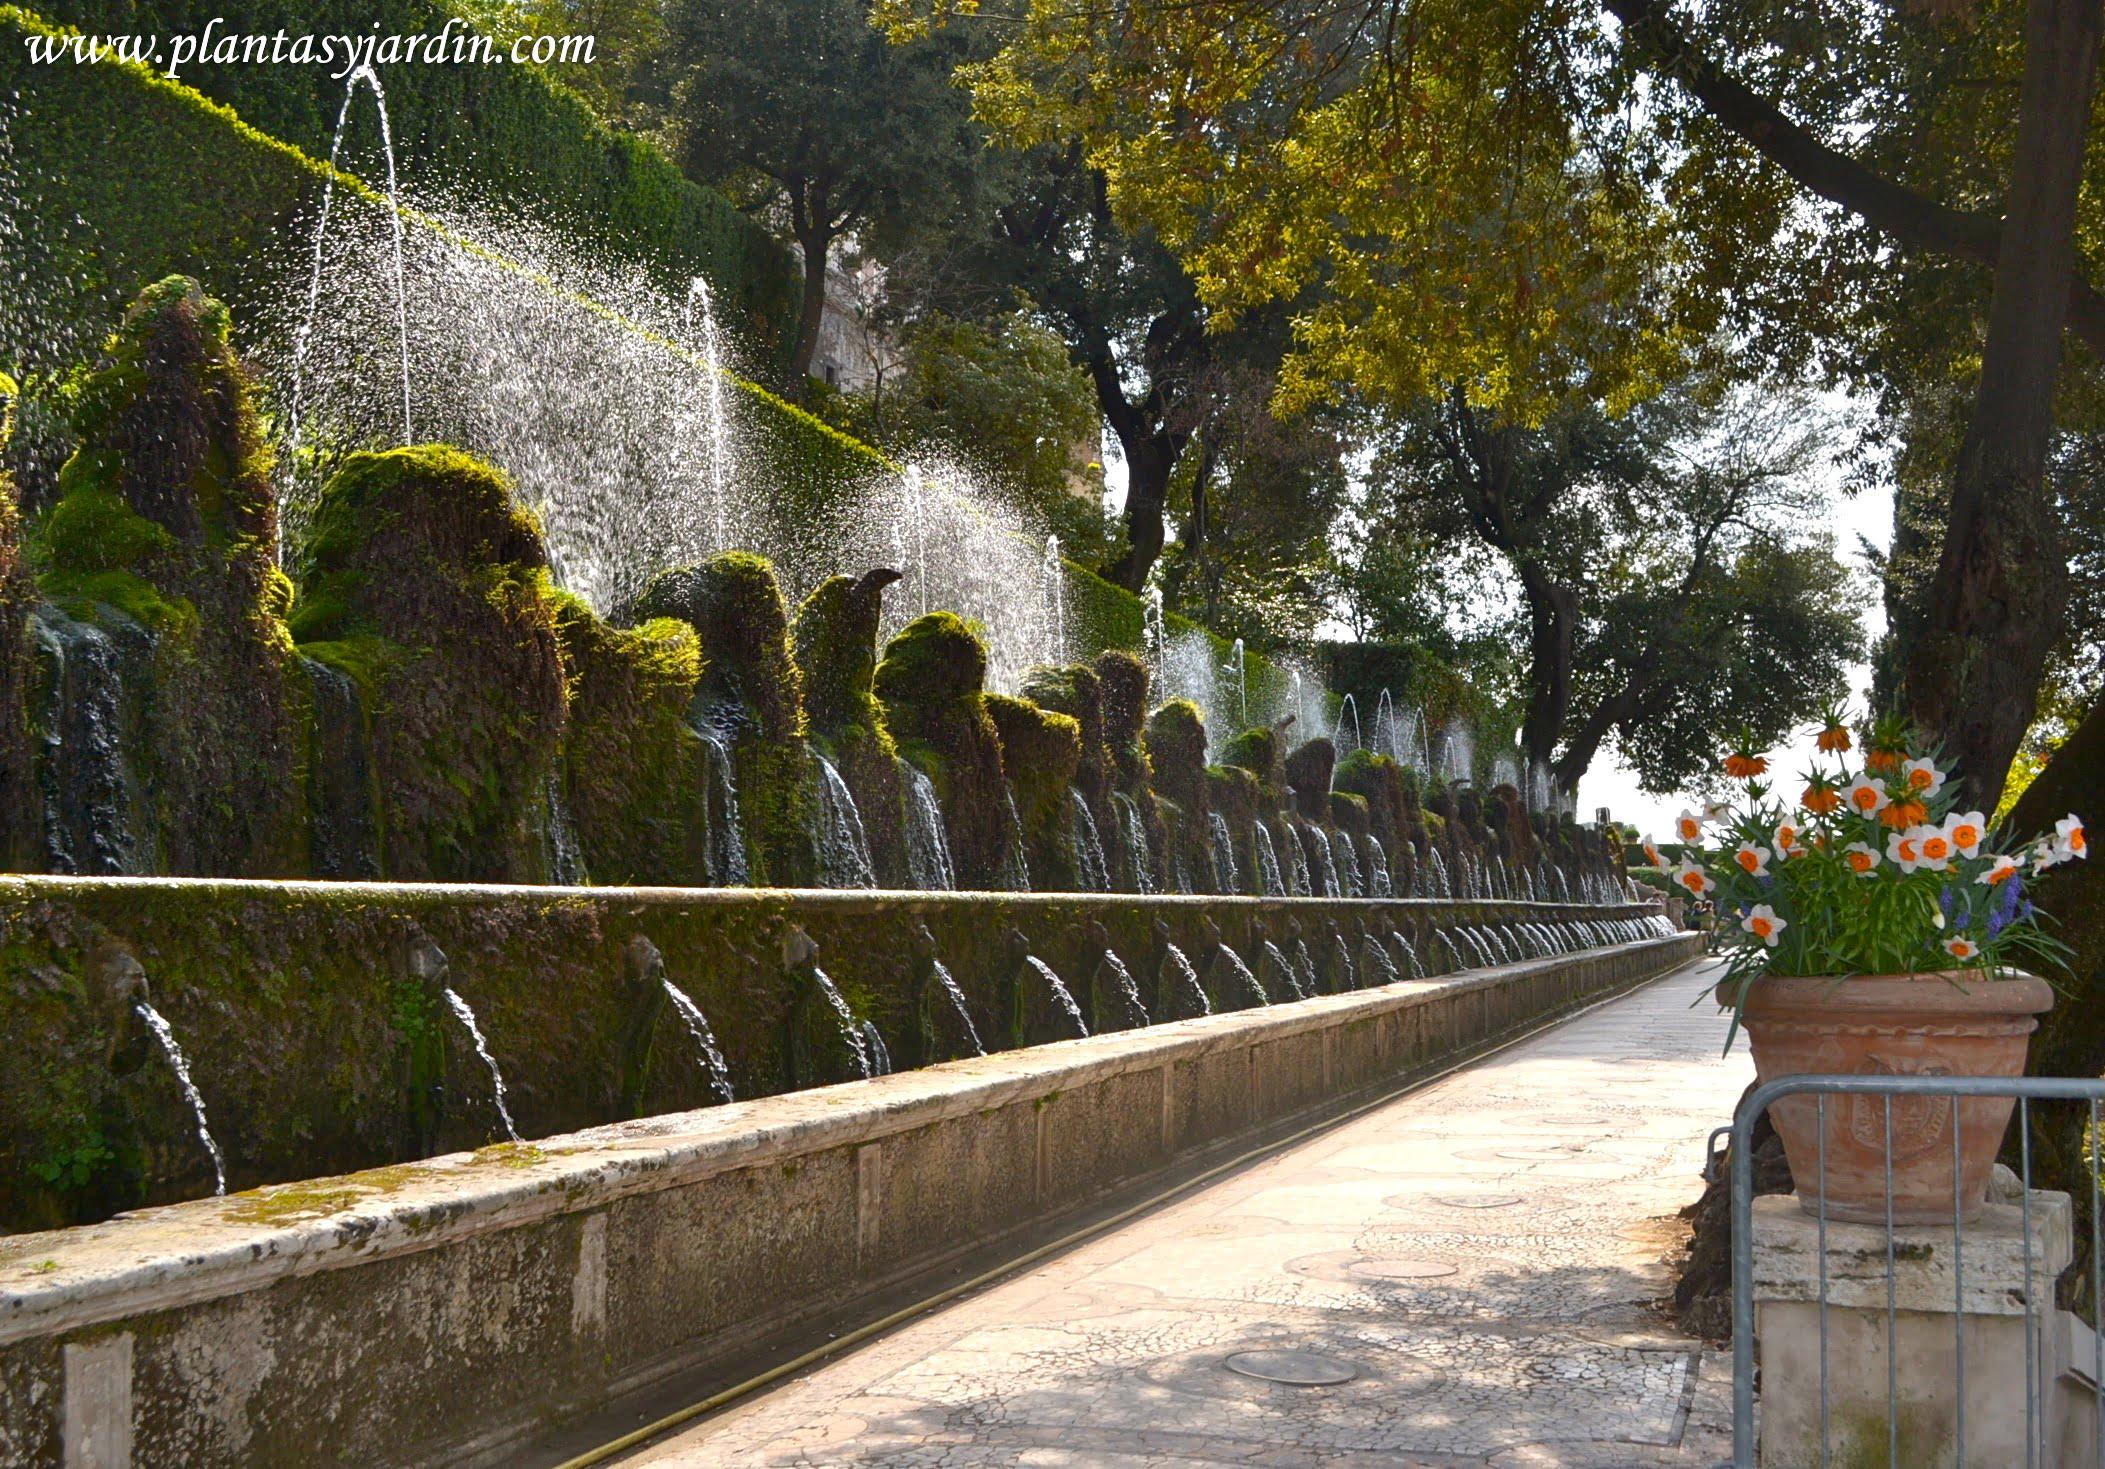 Las cien fuentes representa el antiguo curso de los rios tibertinos